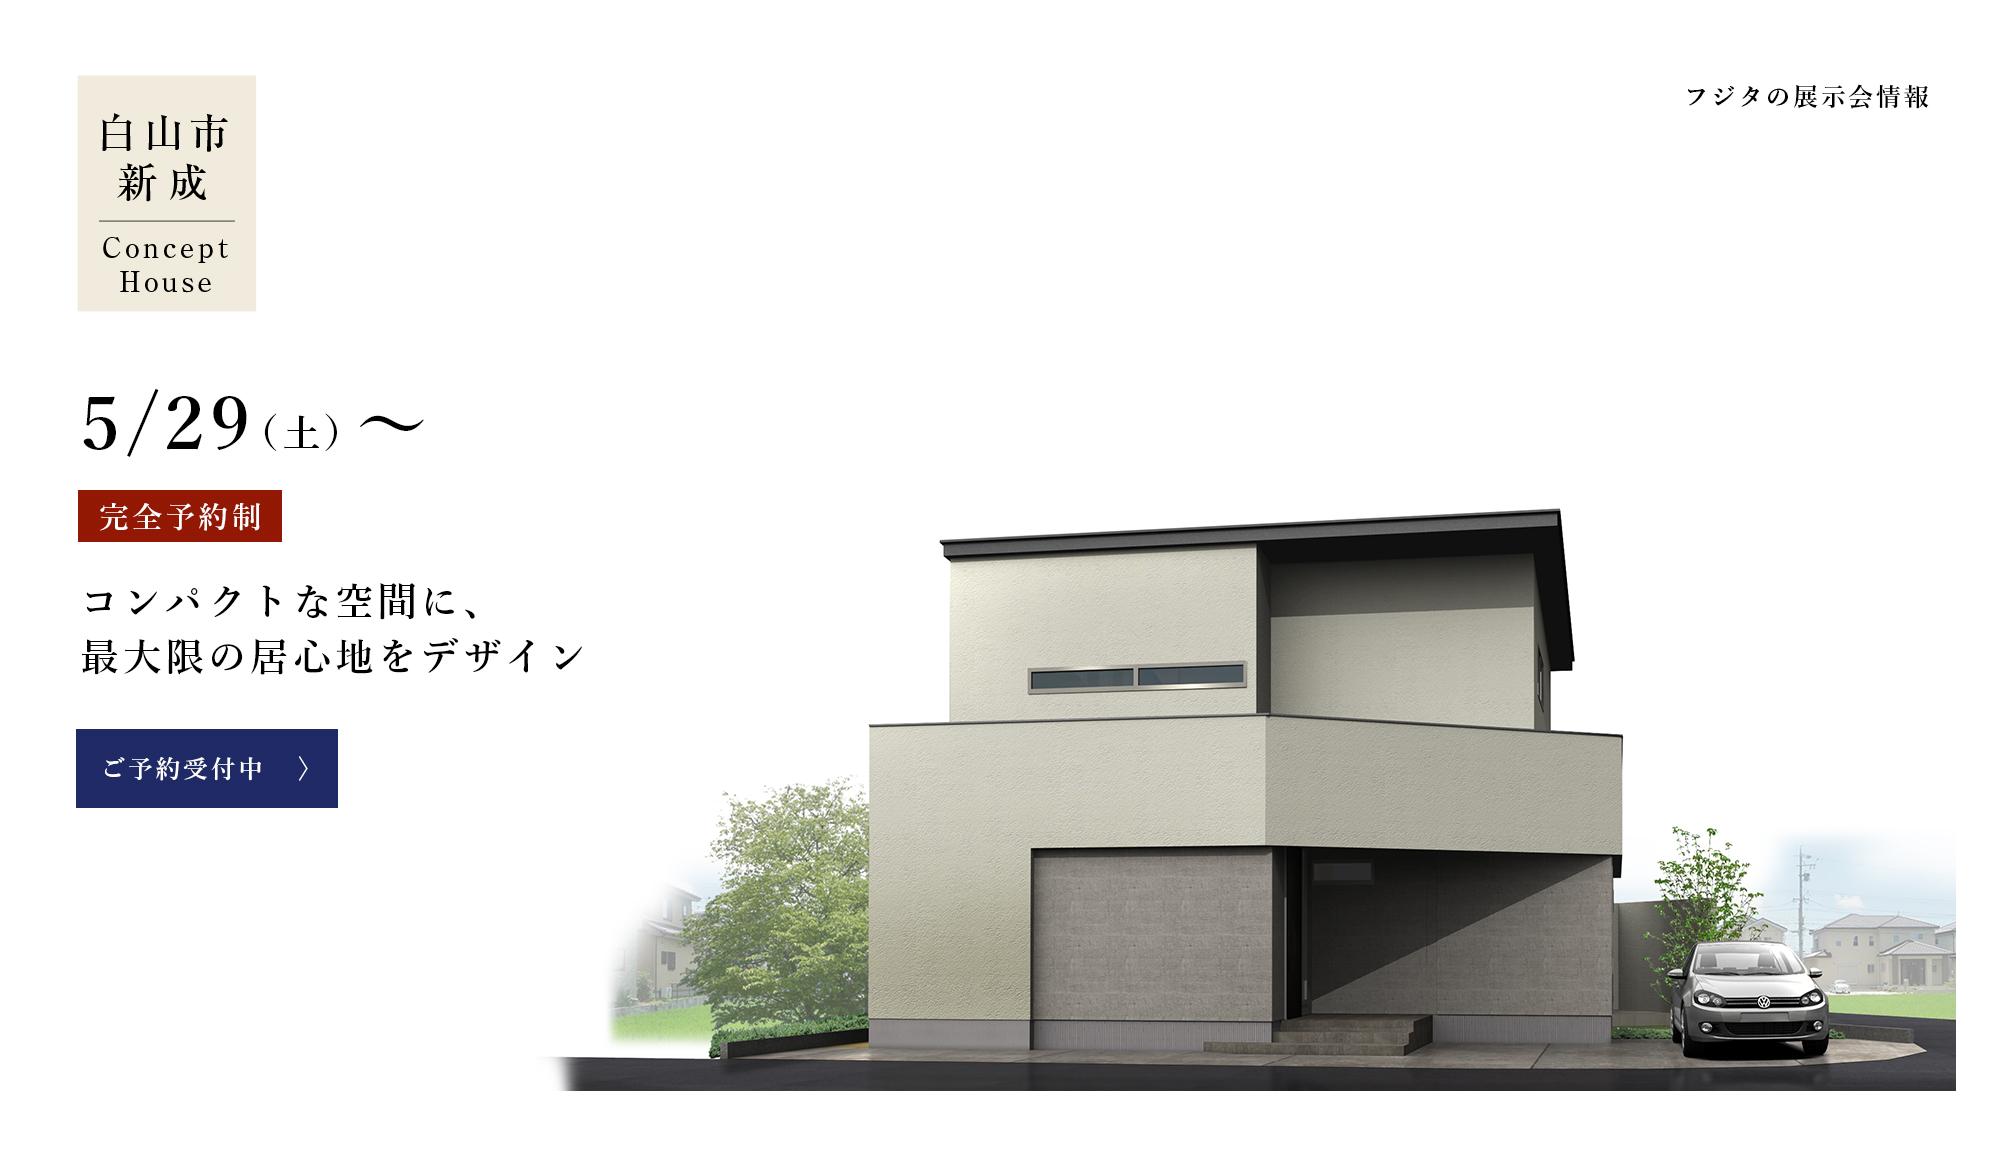 コンセプトハウス 白山市新成モデル